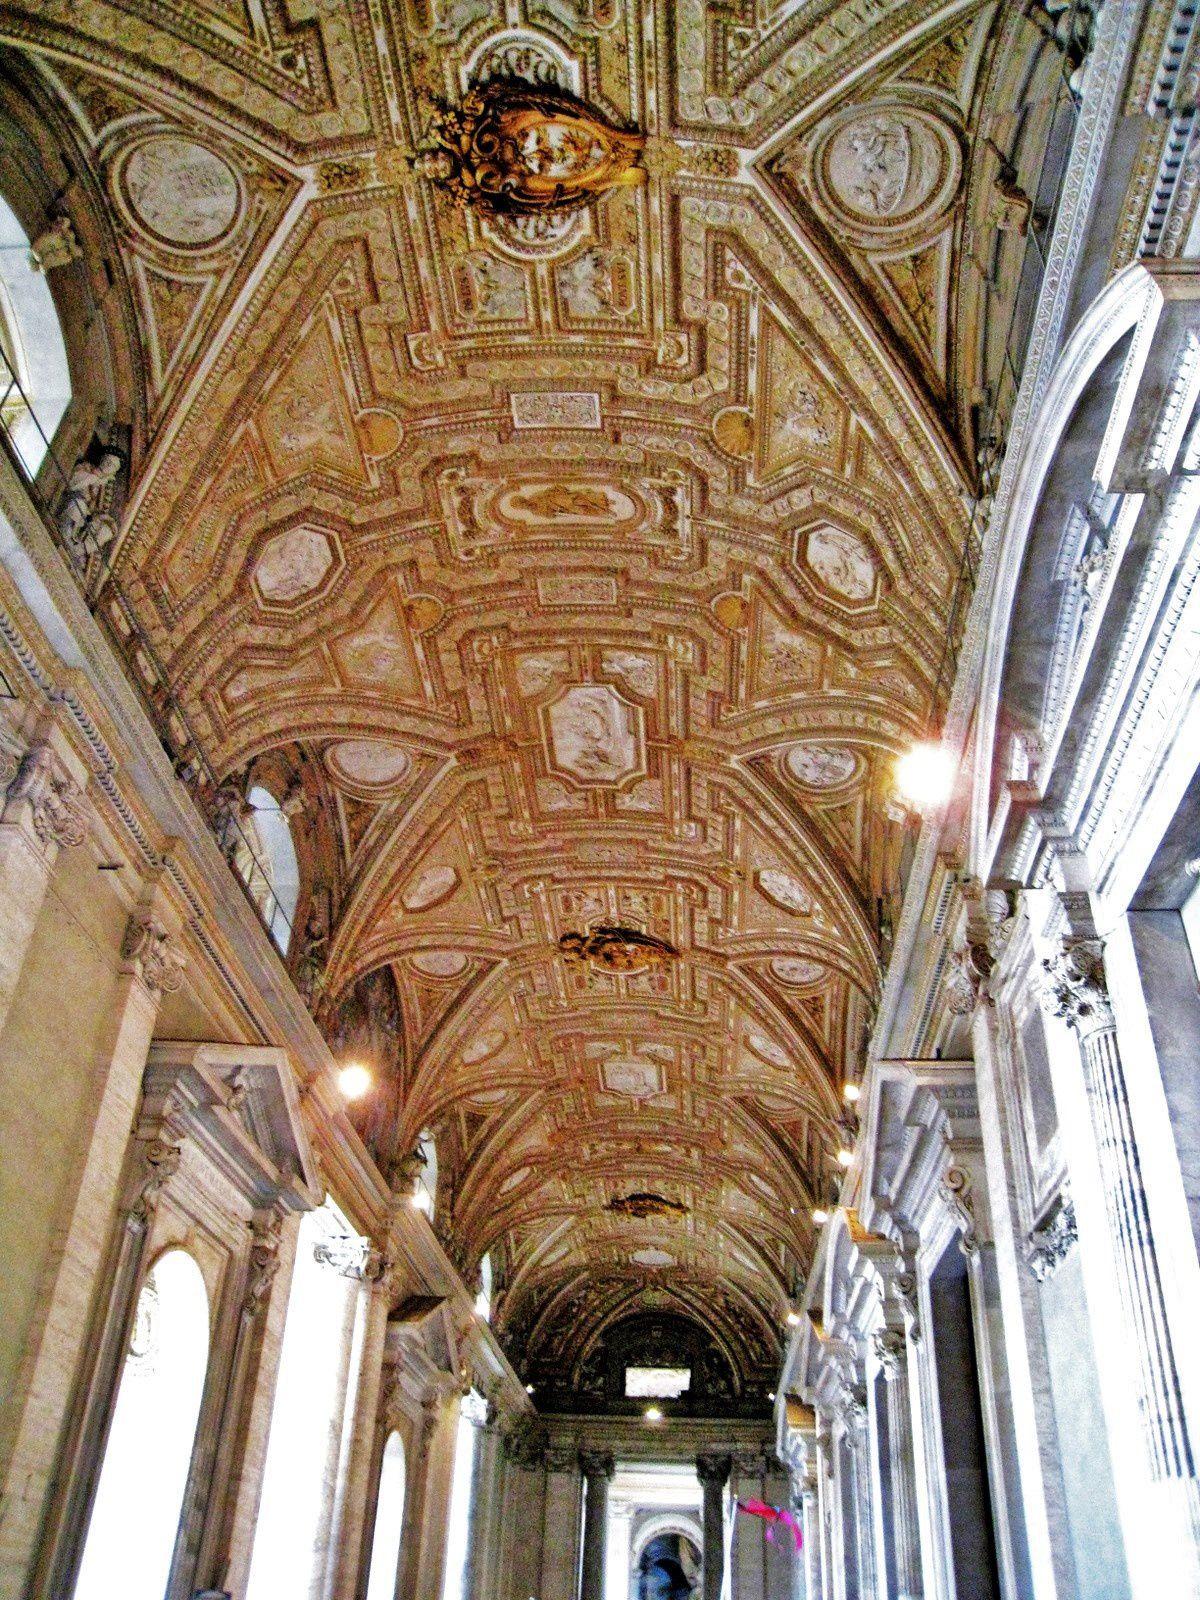 Galerie des cartes géographiques, Vatican